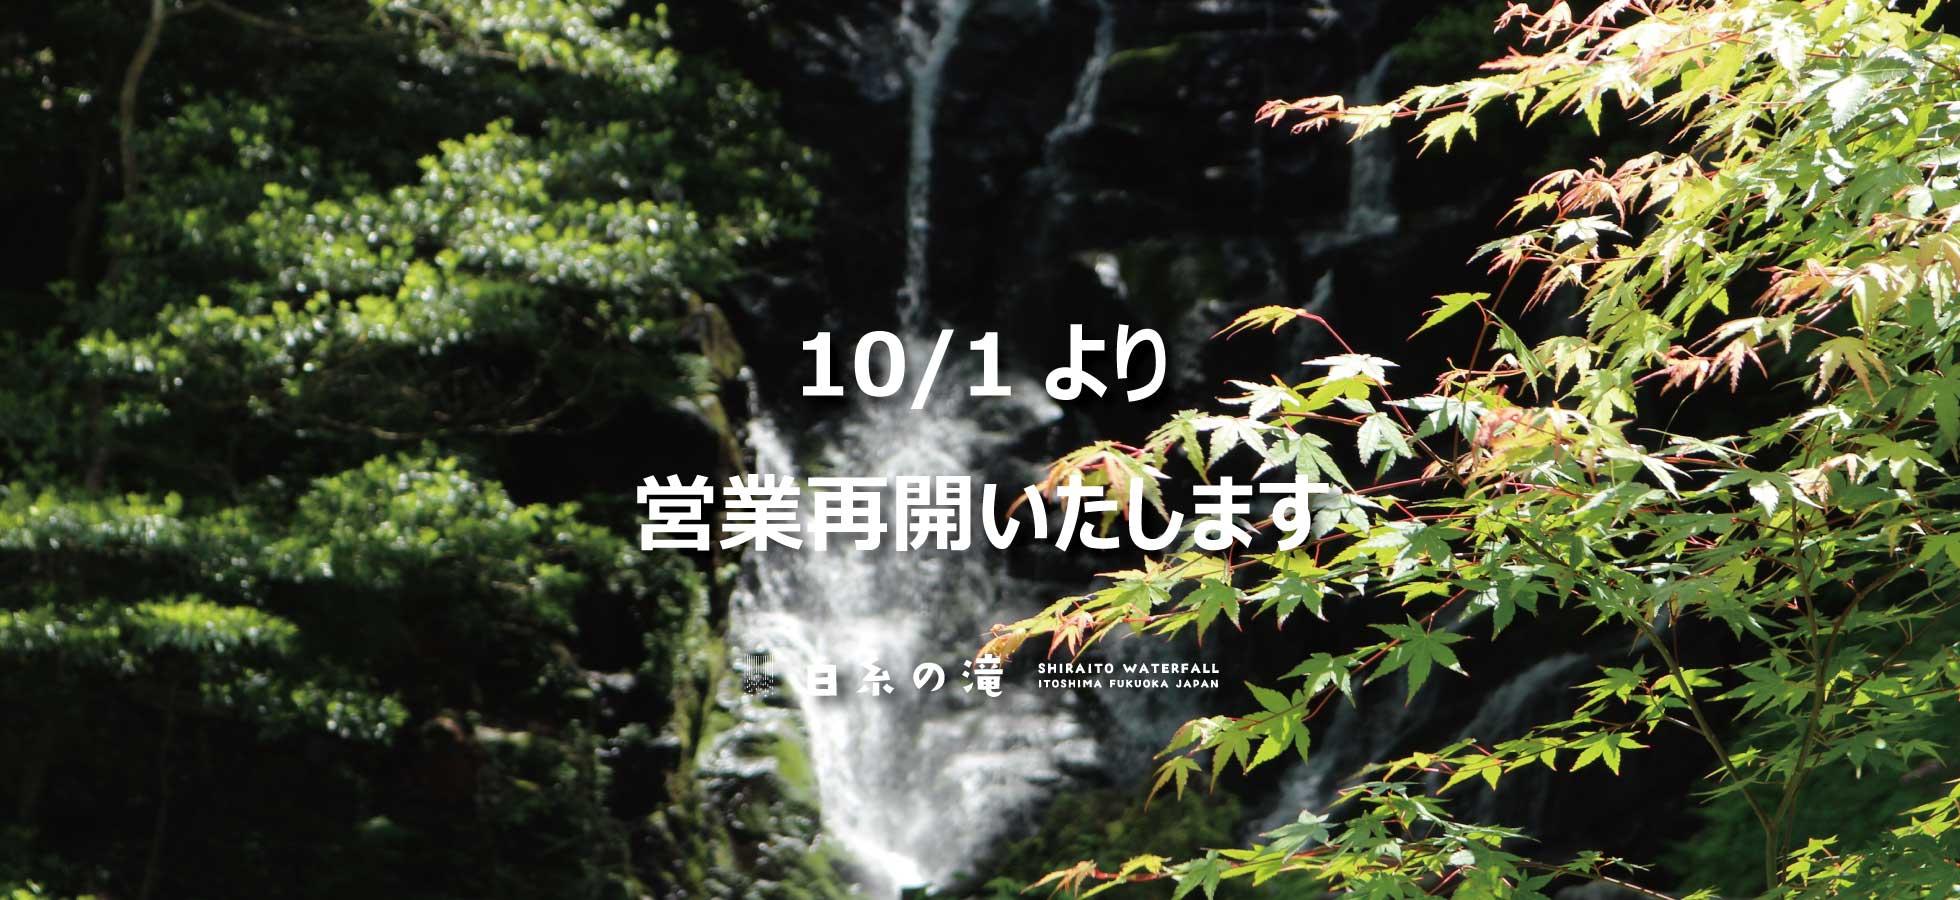 10/1営業再開